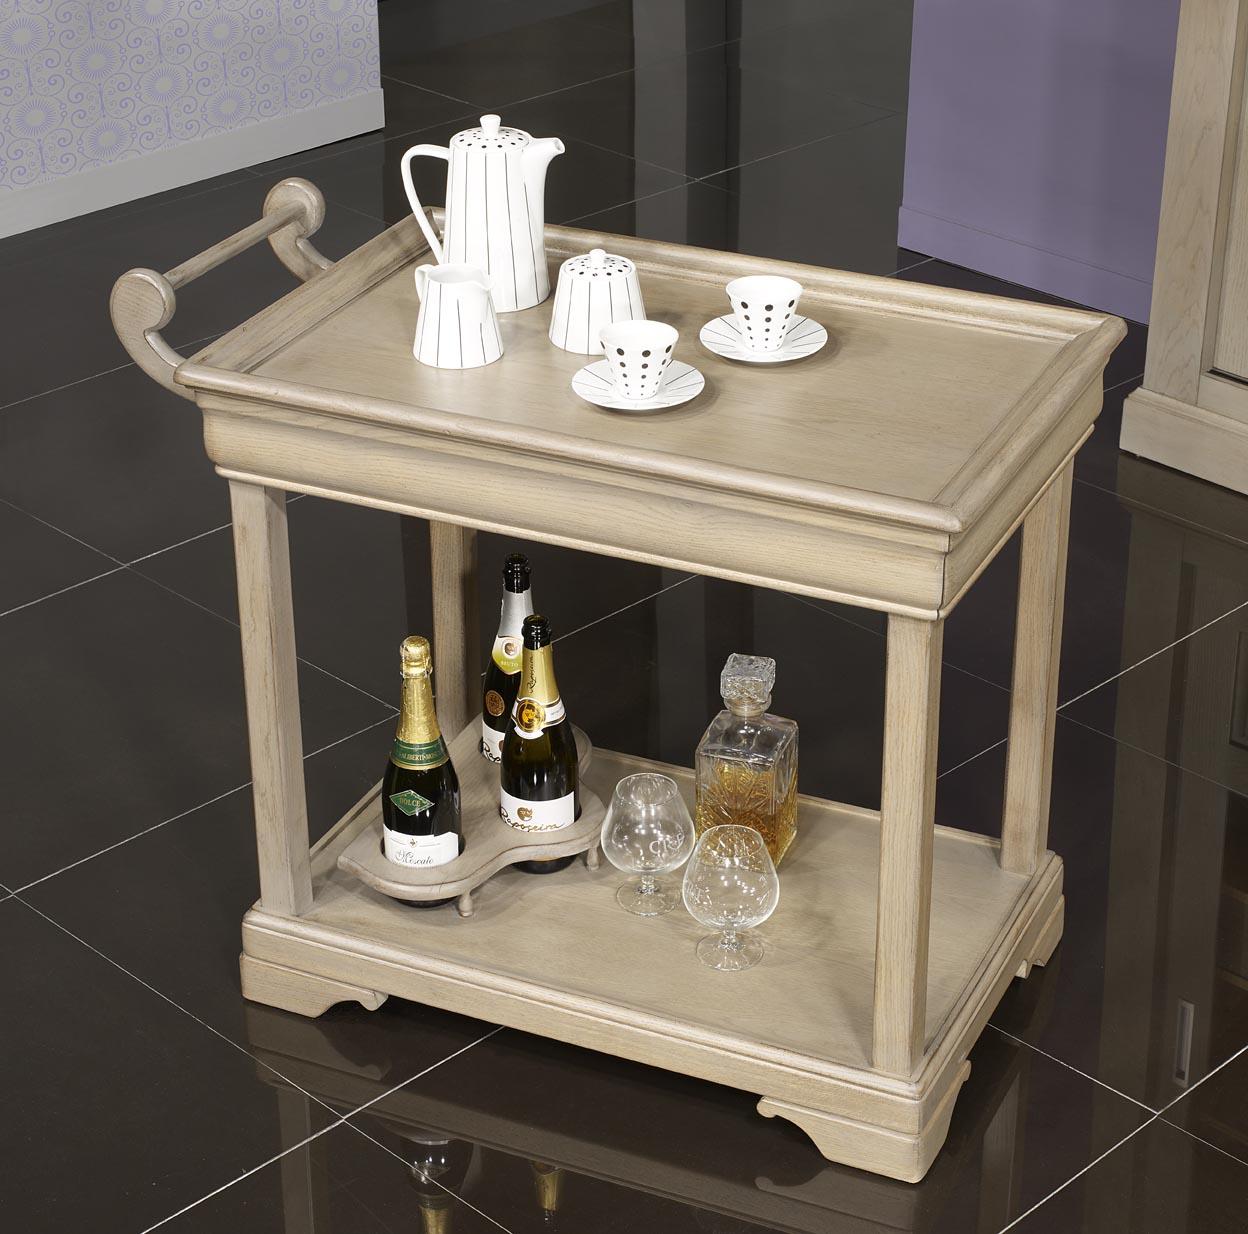 Table desserte roulante en ch ne de style louis philippe - Table desserte roulante ...